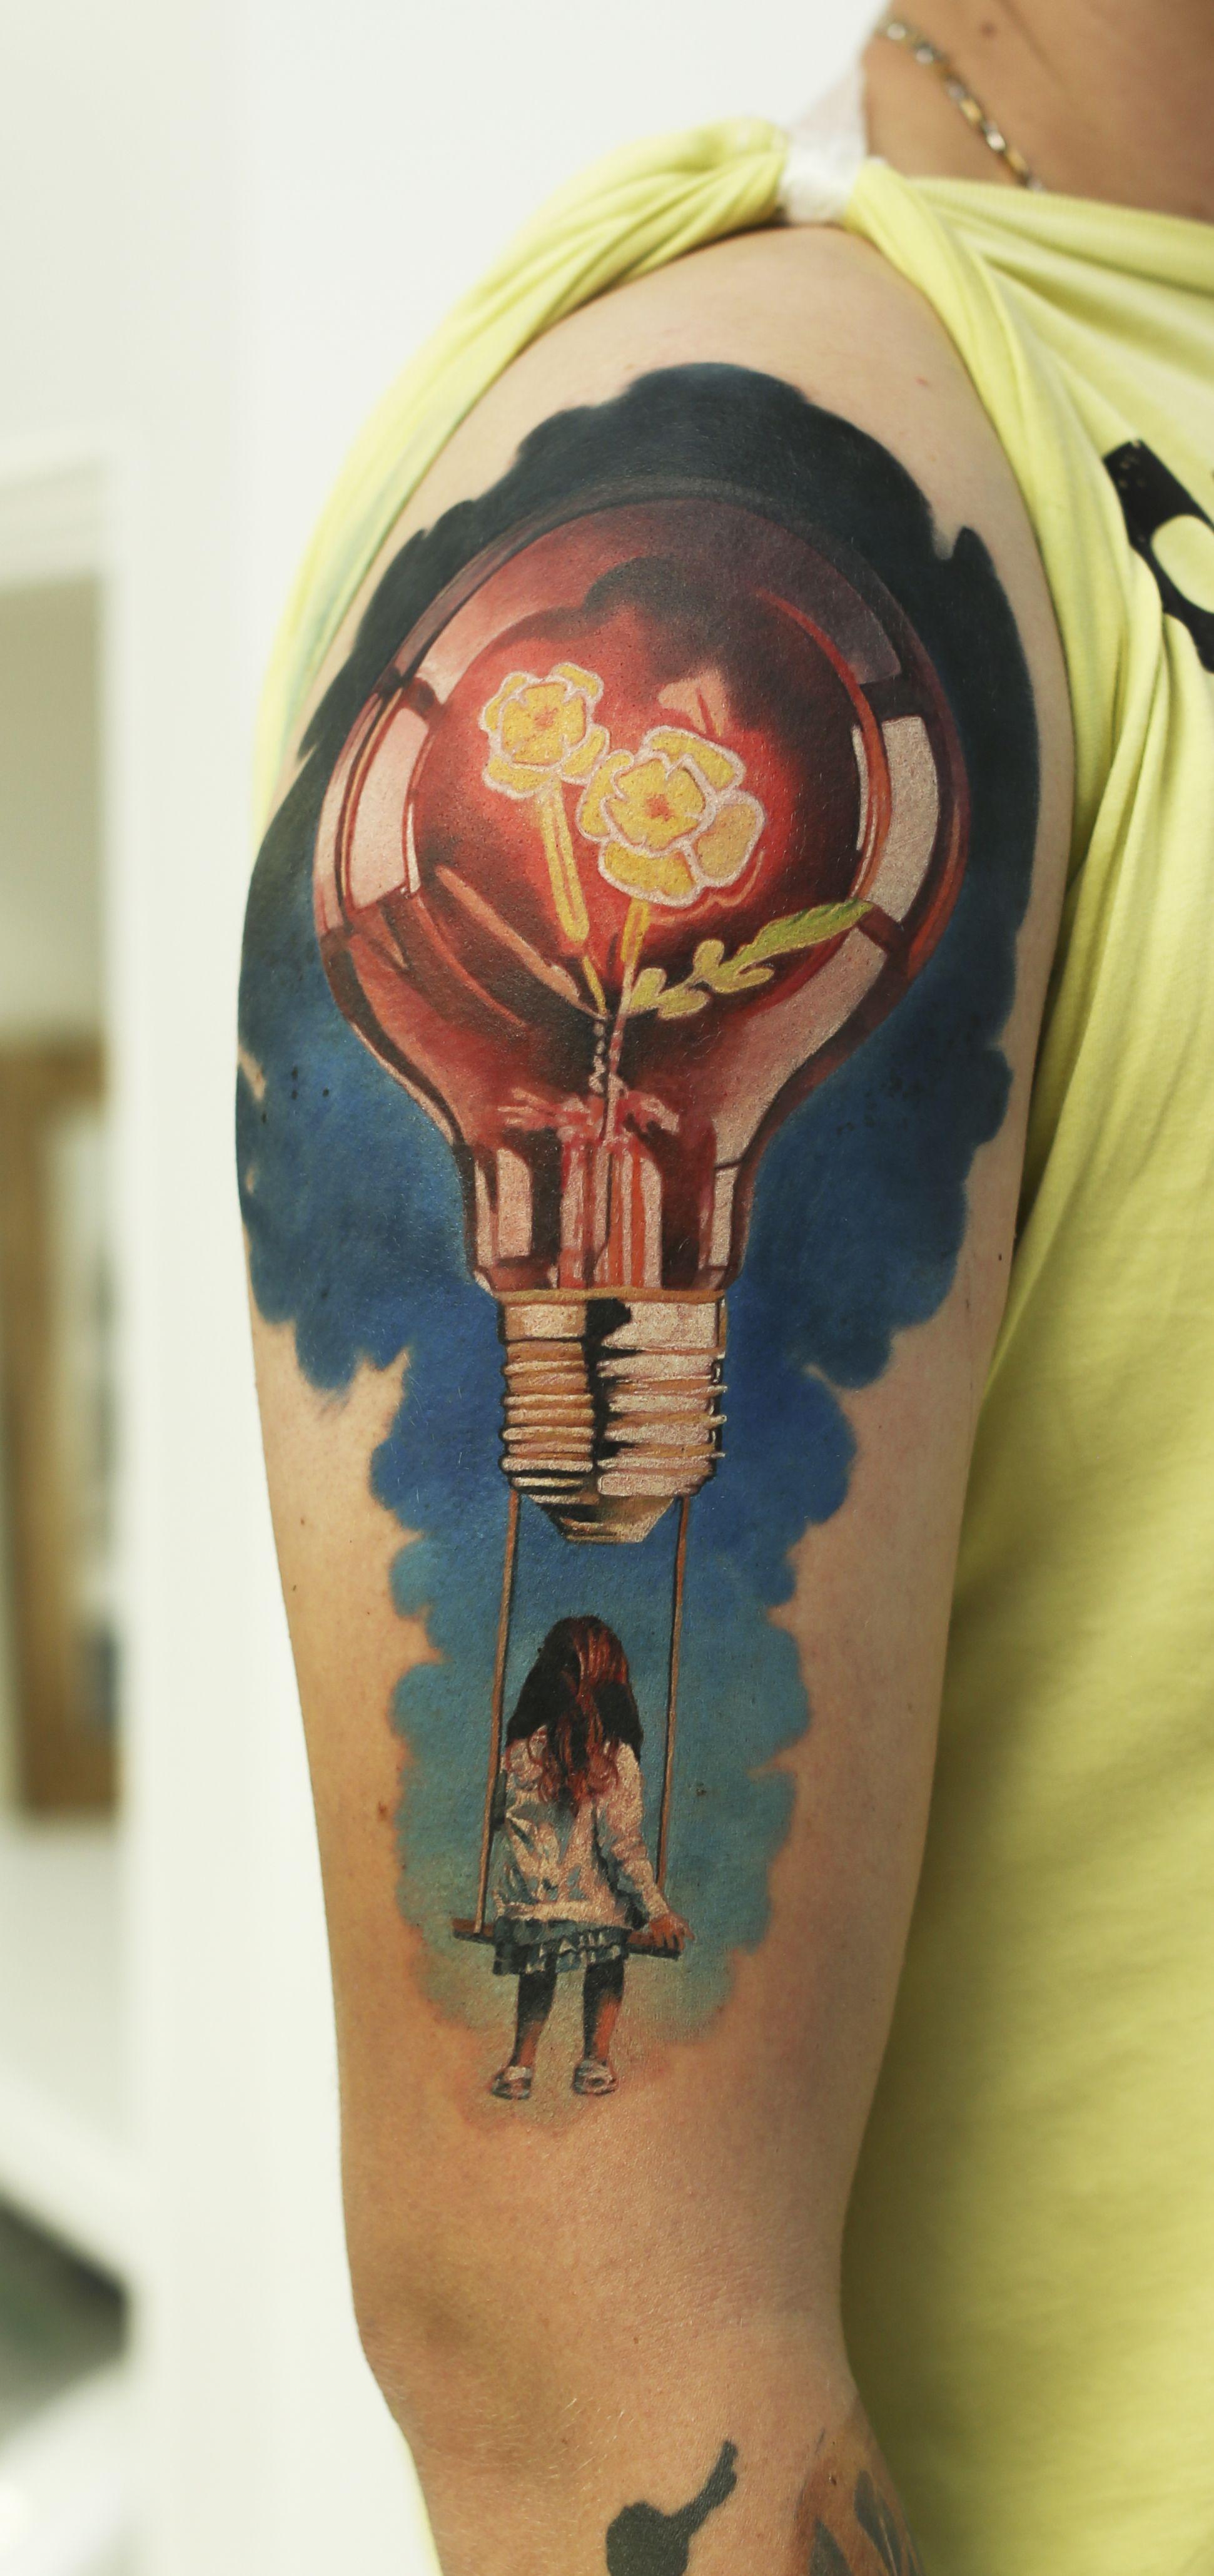 24th Milano Tattoo Convention Tattoos Tattoo Artists Tattoo Magazines